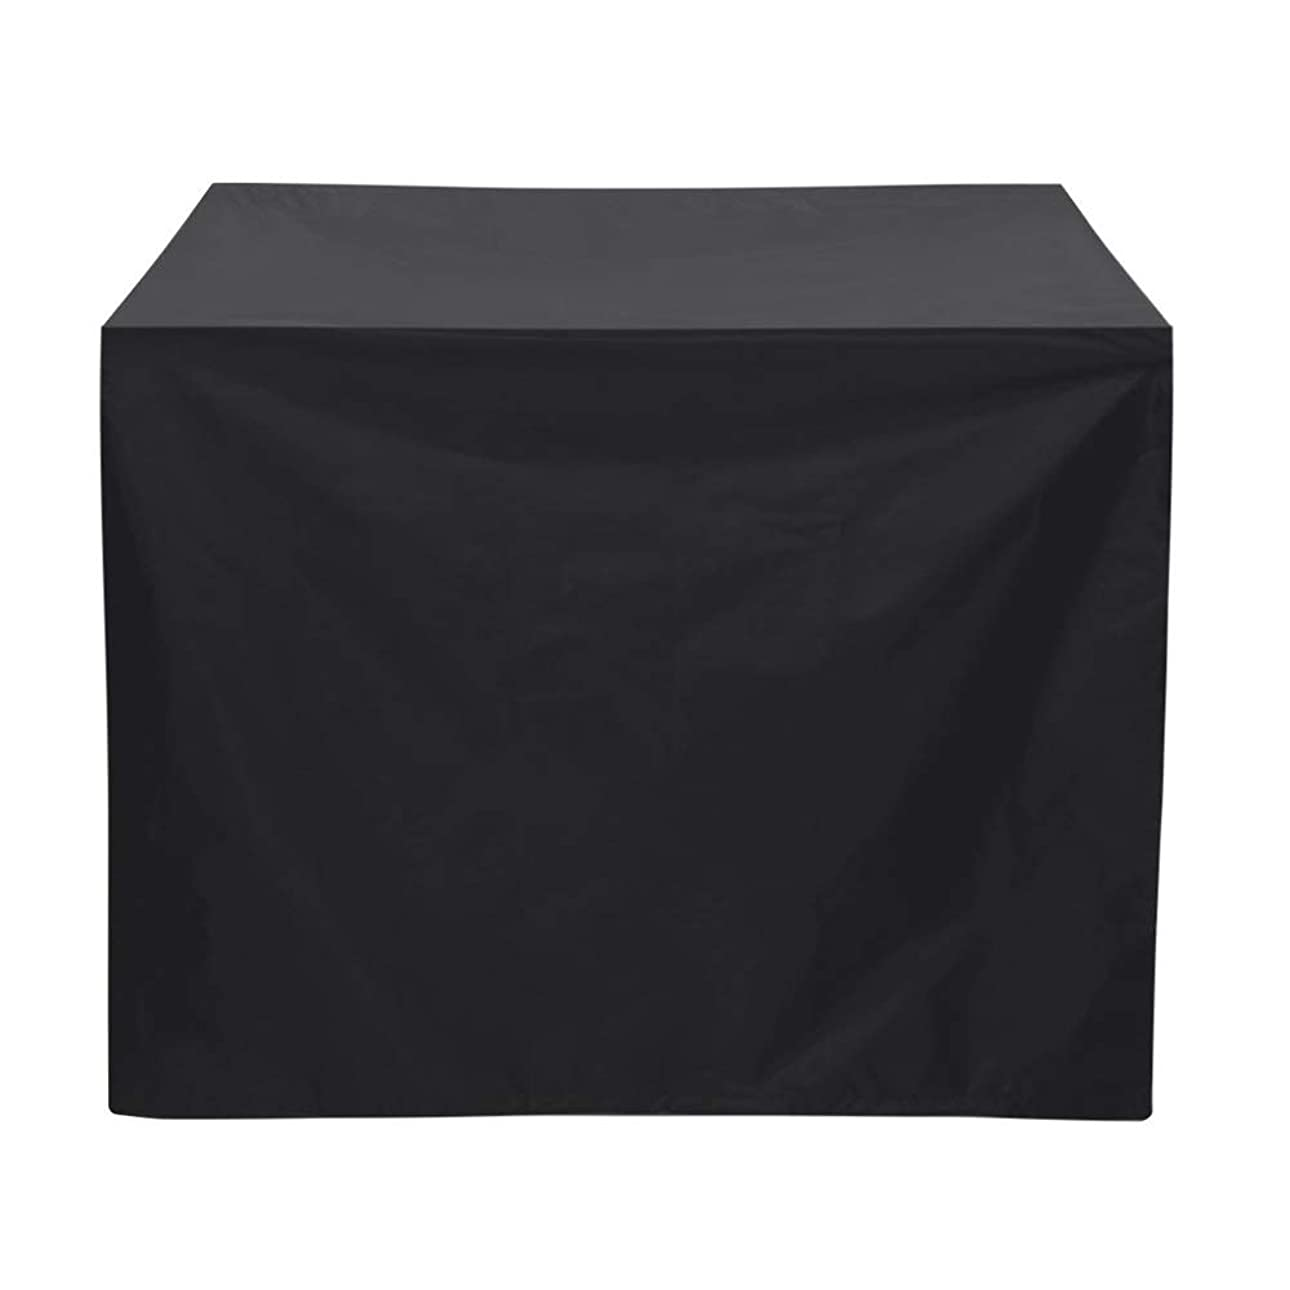 カーフありがたい母性ファニチャー カバー ポリエステル防水BBQカバーアンチダスト雨UVバーベキューグリル家具カバー 屋外用家具カバー (色 : Black, Size : 80x66x100cm)